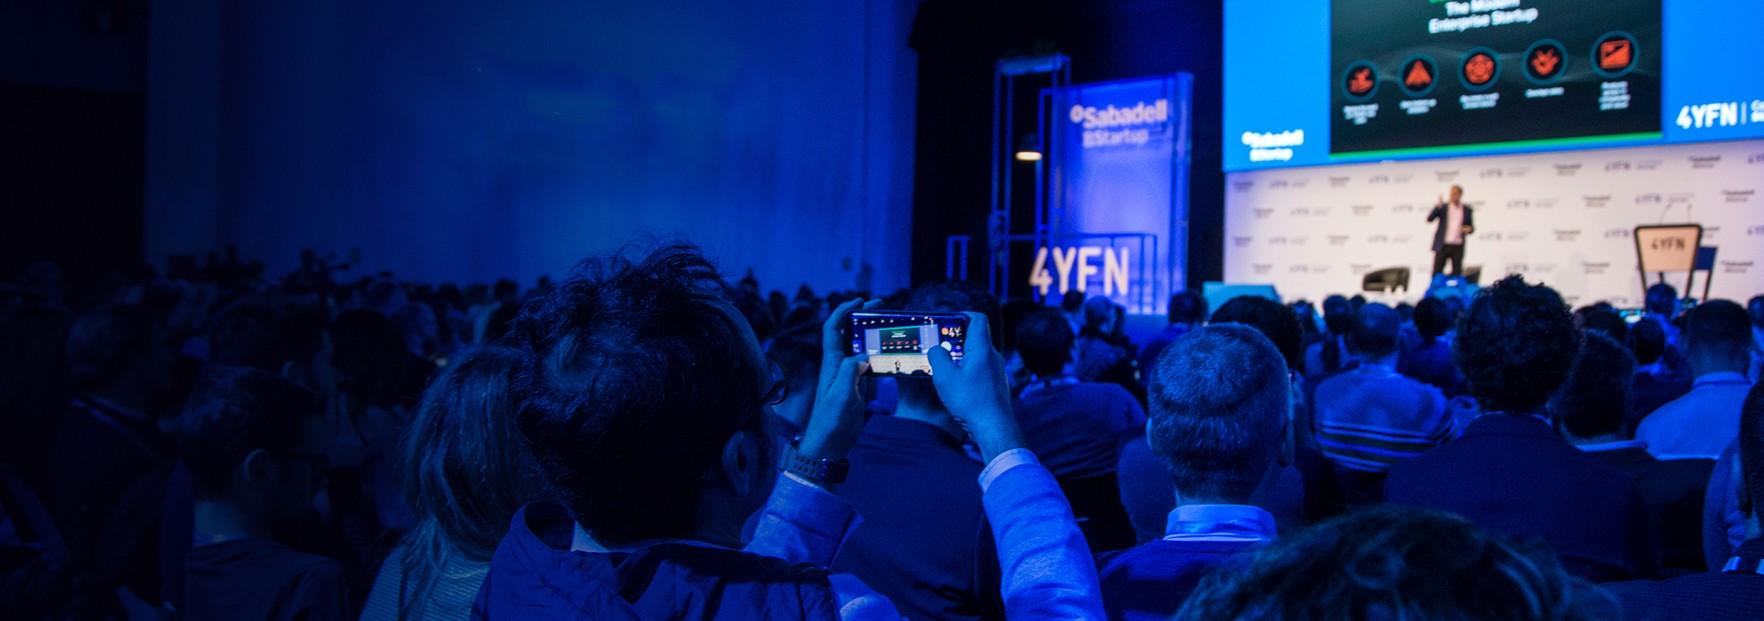 la plateforme d'innovation organisée dans le cadre du Mobile World Congress